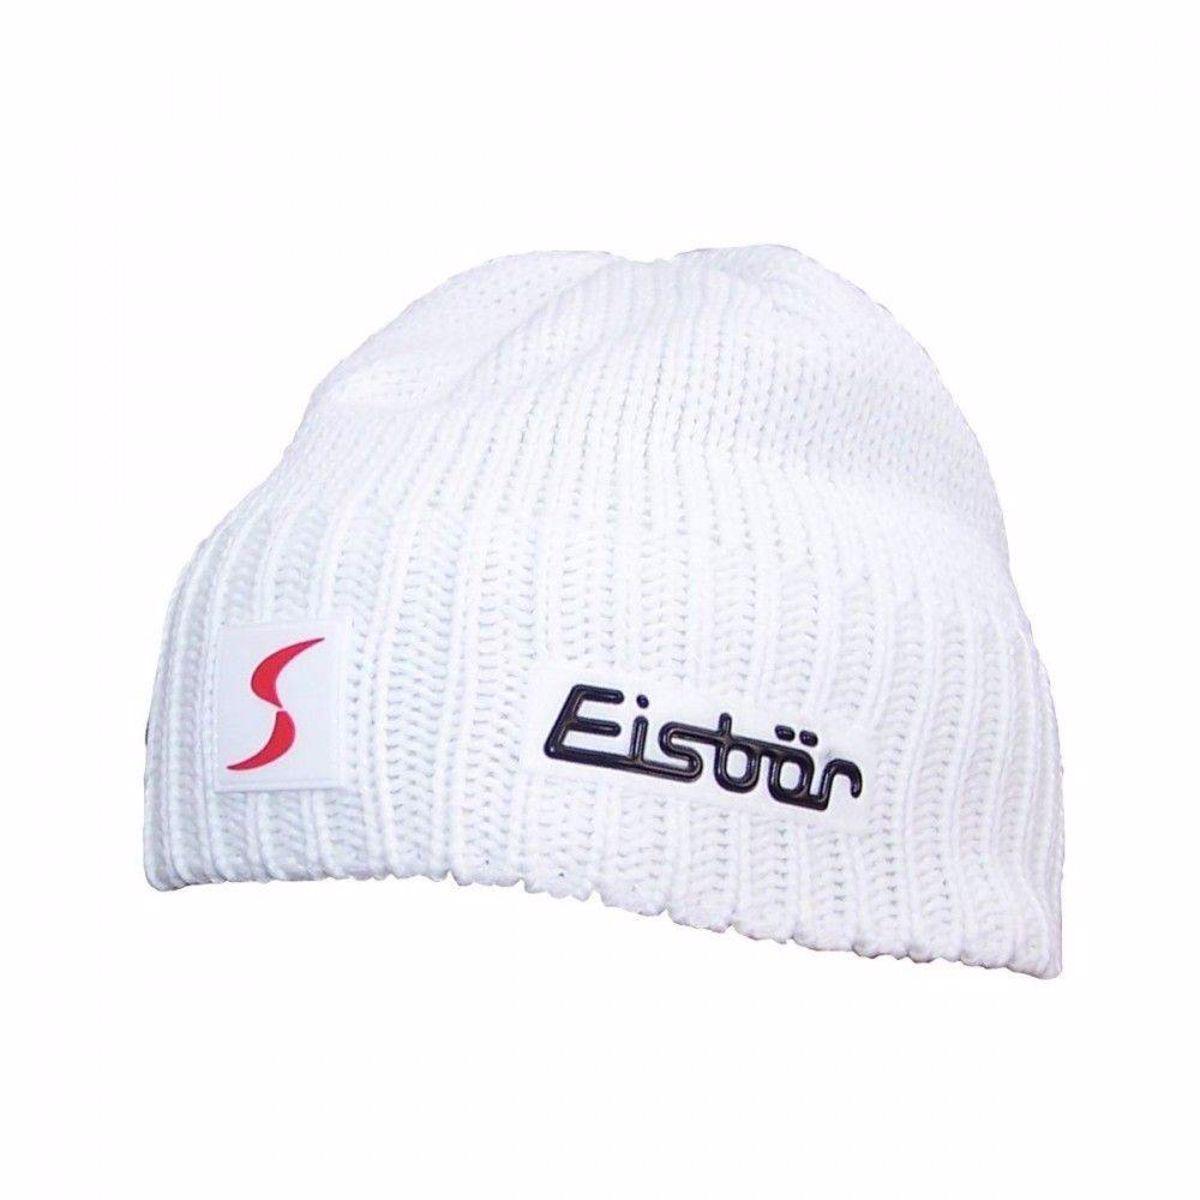 6d774e254 EISBÄR TROP MÜ SP biela - pletená čiapka | VeredaSport.sk